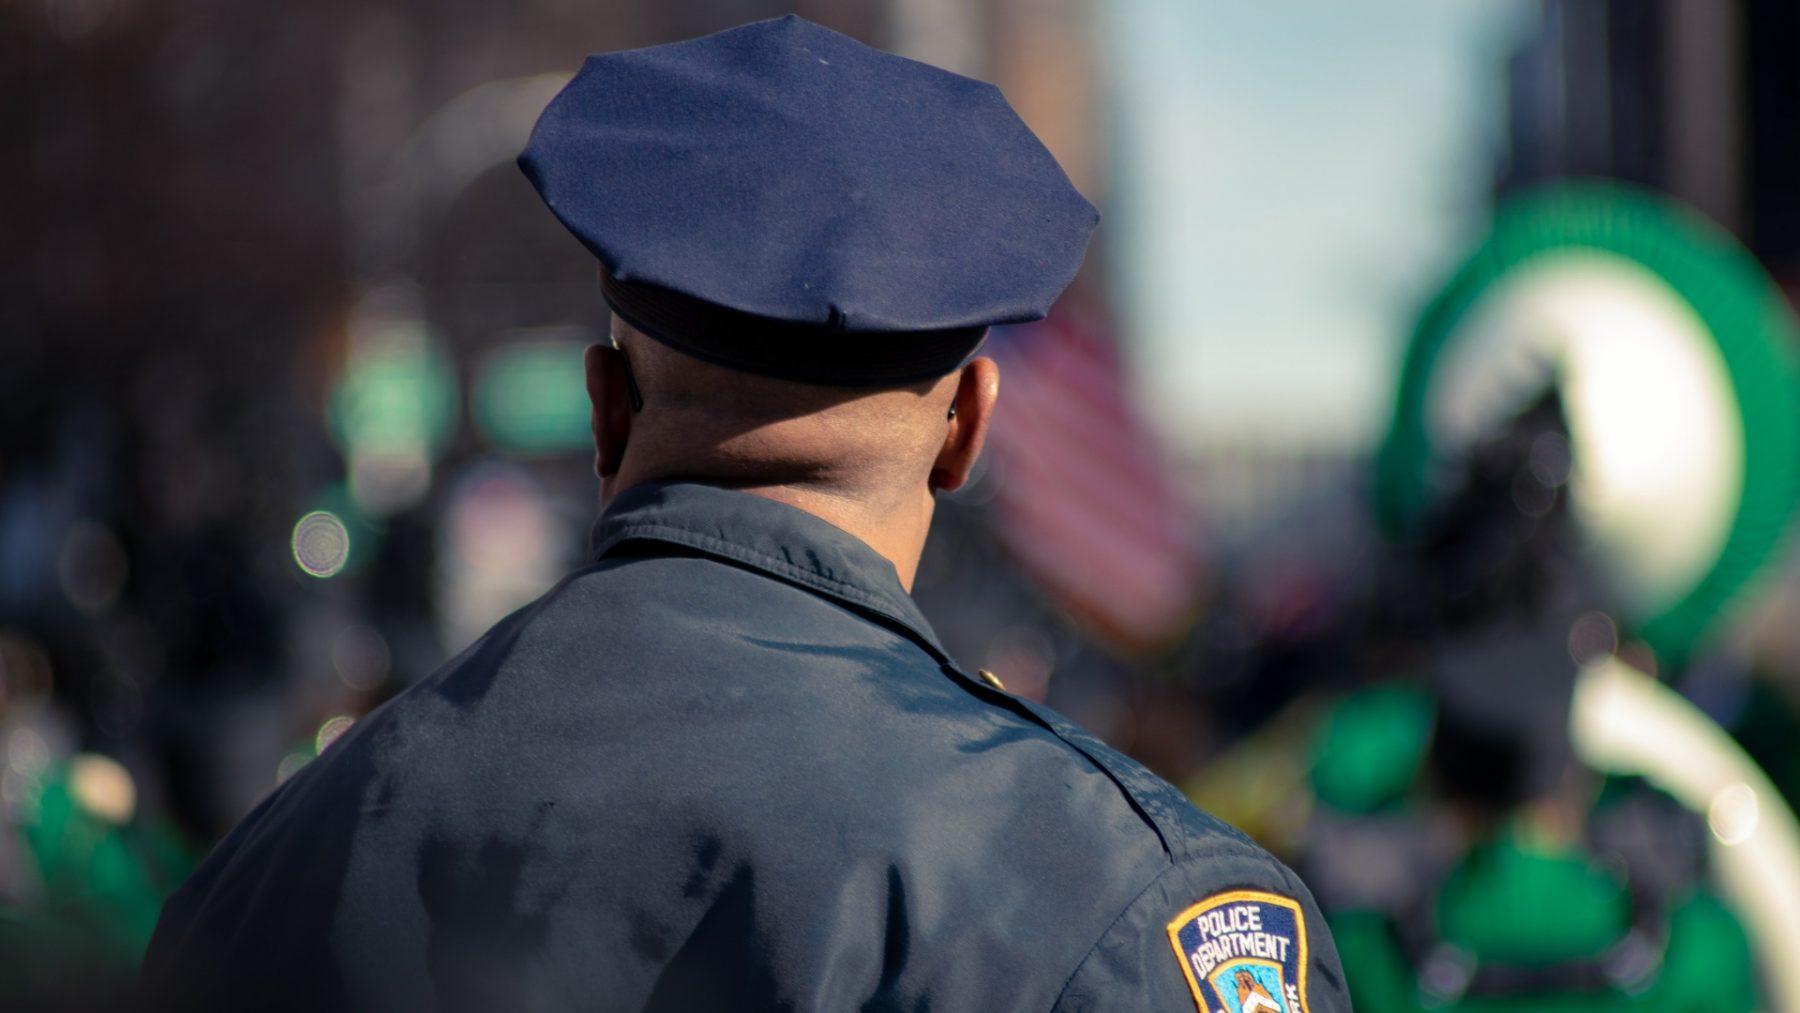 Gemeenteraad Minneapolis vervangt politie door gemeentelijke veiligheidsdienst